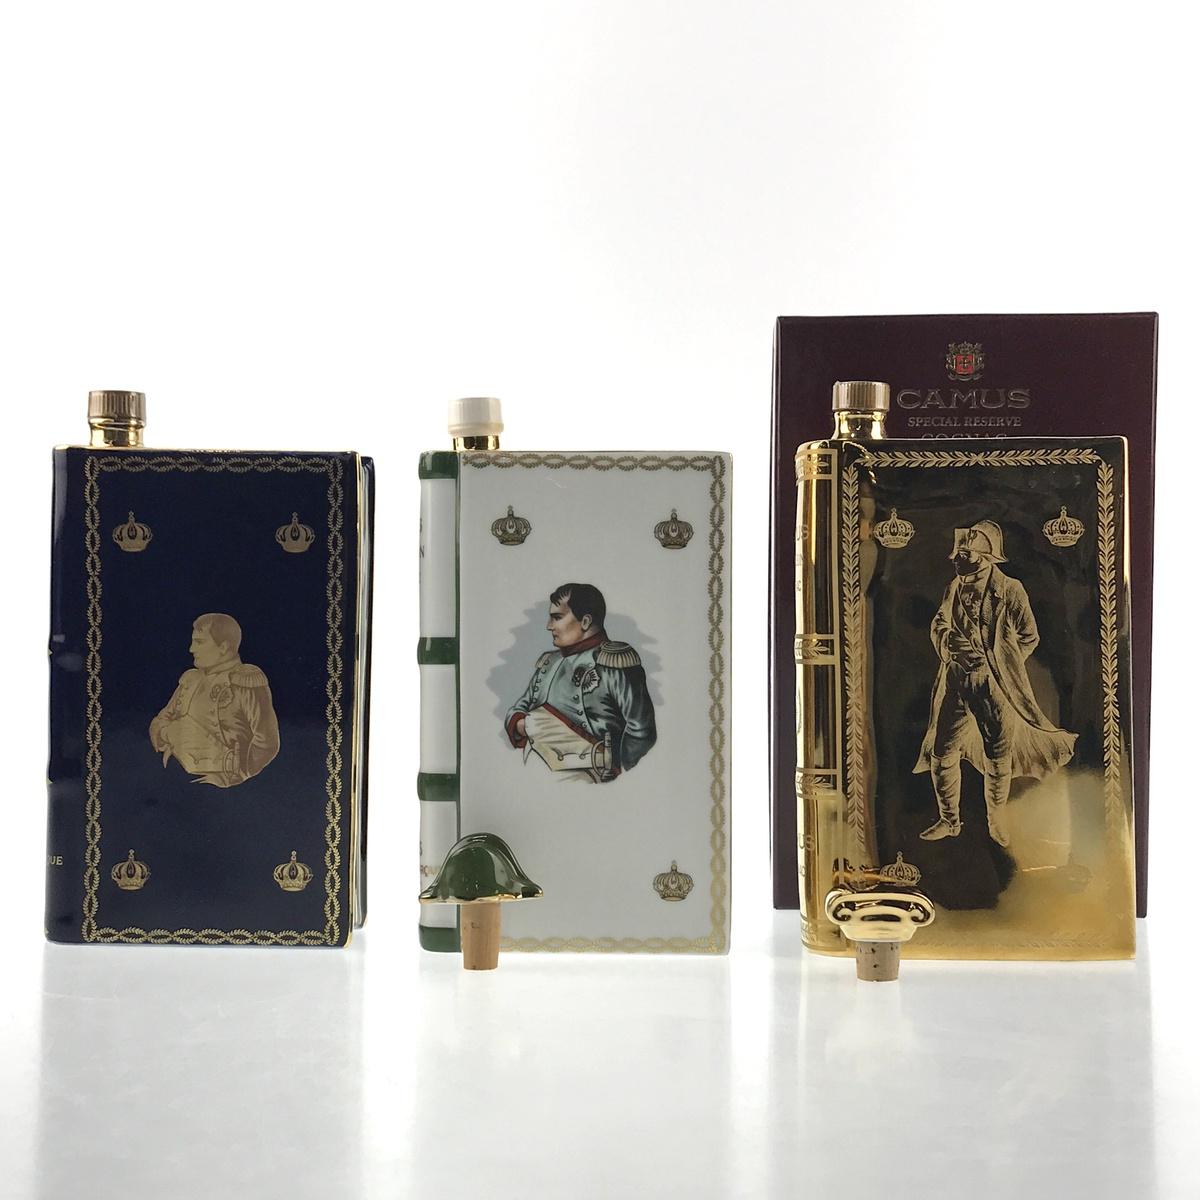 酒セット USED 送料無料 3本 上等 カミュ CAMUS ナポレオン ブック 白 セット 中古 超特価SALE開催 ブランデー コニャック 青陶器 金